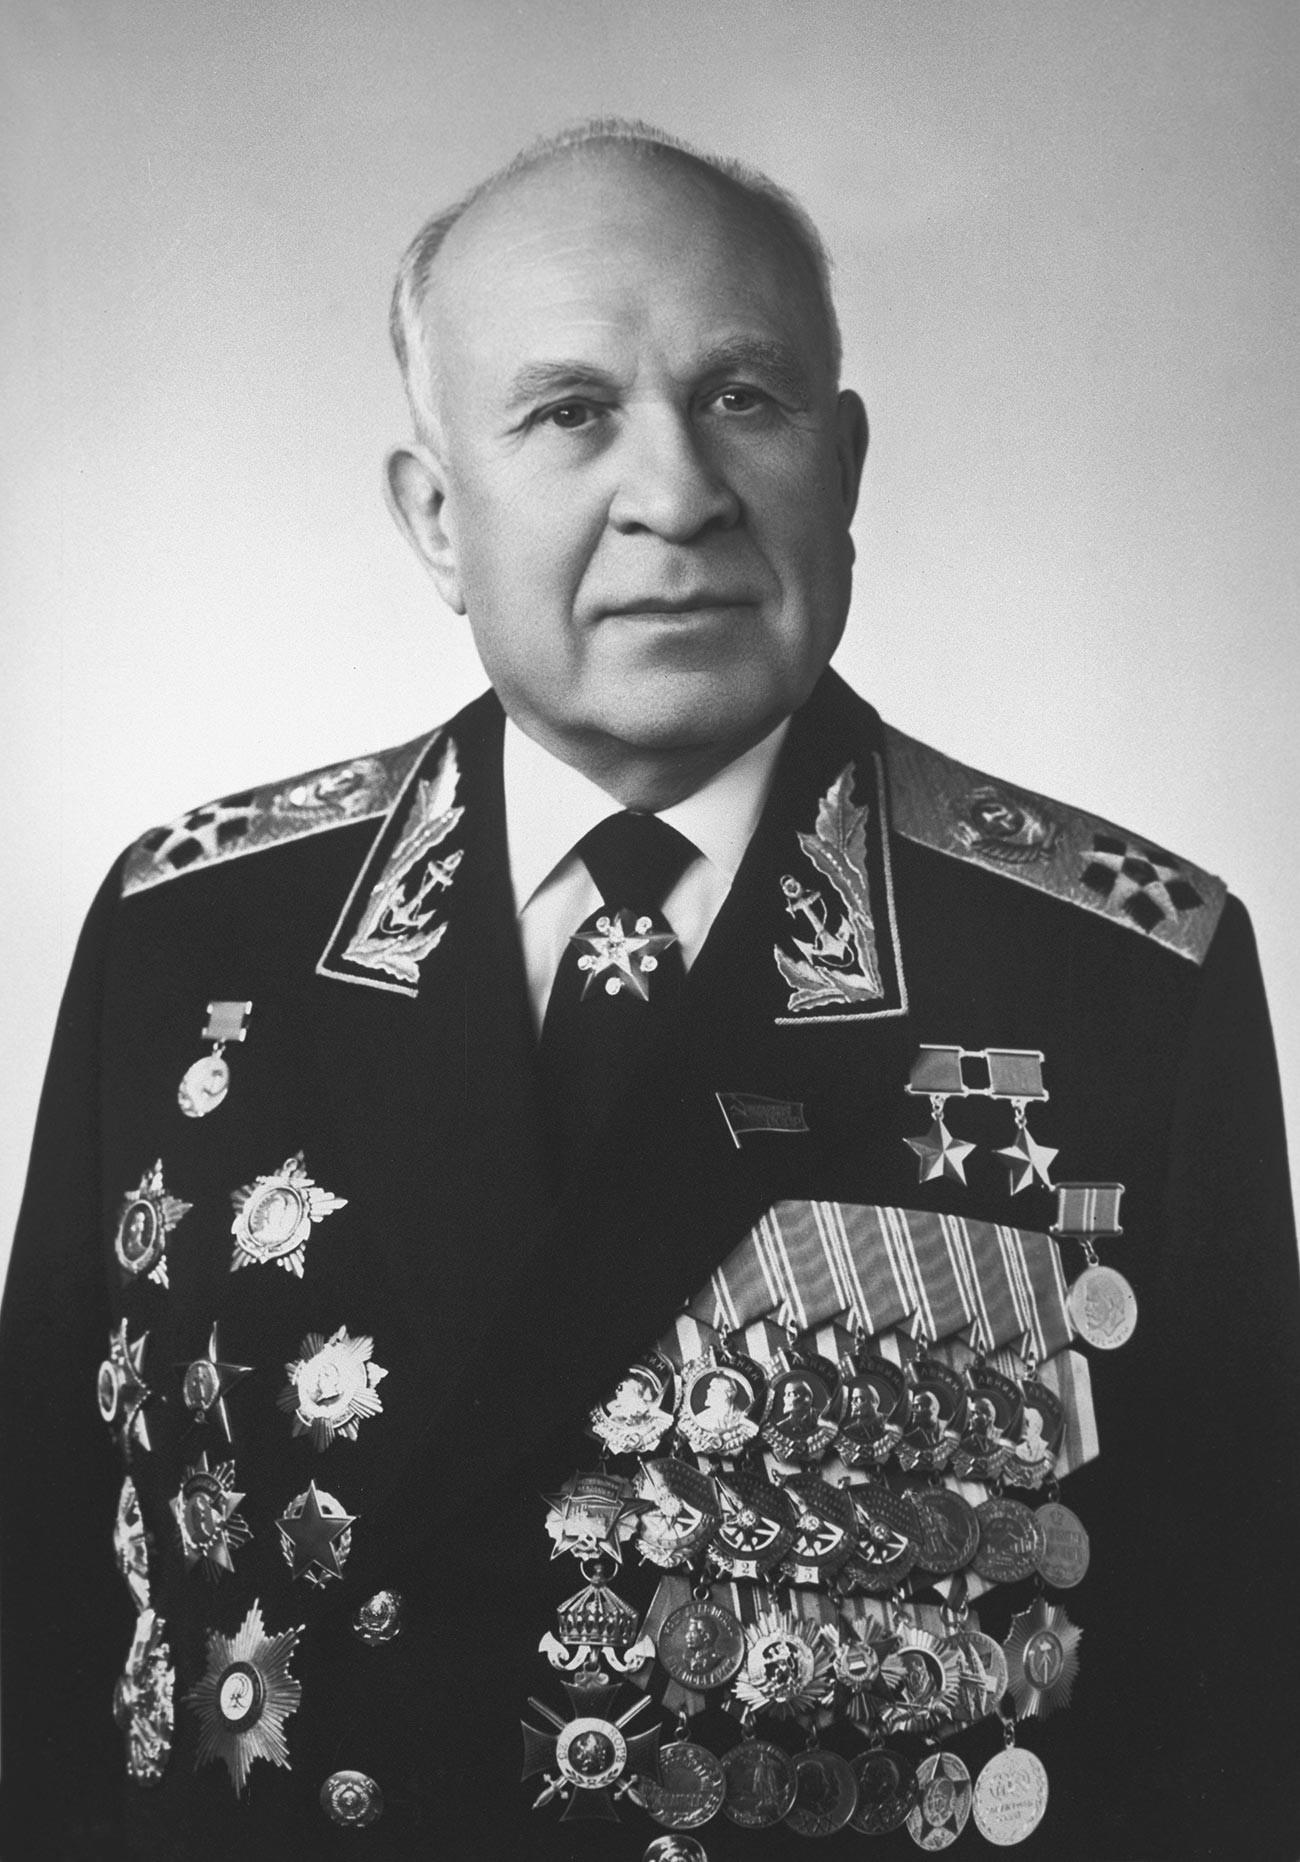 Адмиралот на флотата на Советскиот Сојуз, двократниот Херој на Советскиот Сојуз Сергеј Григориевич Горшков.